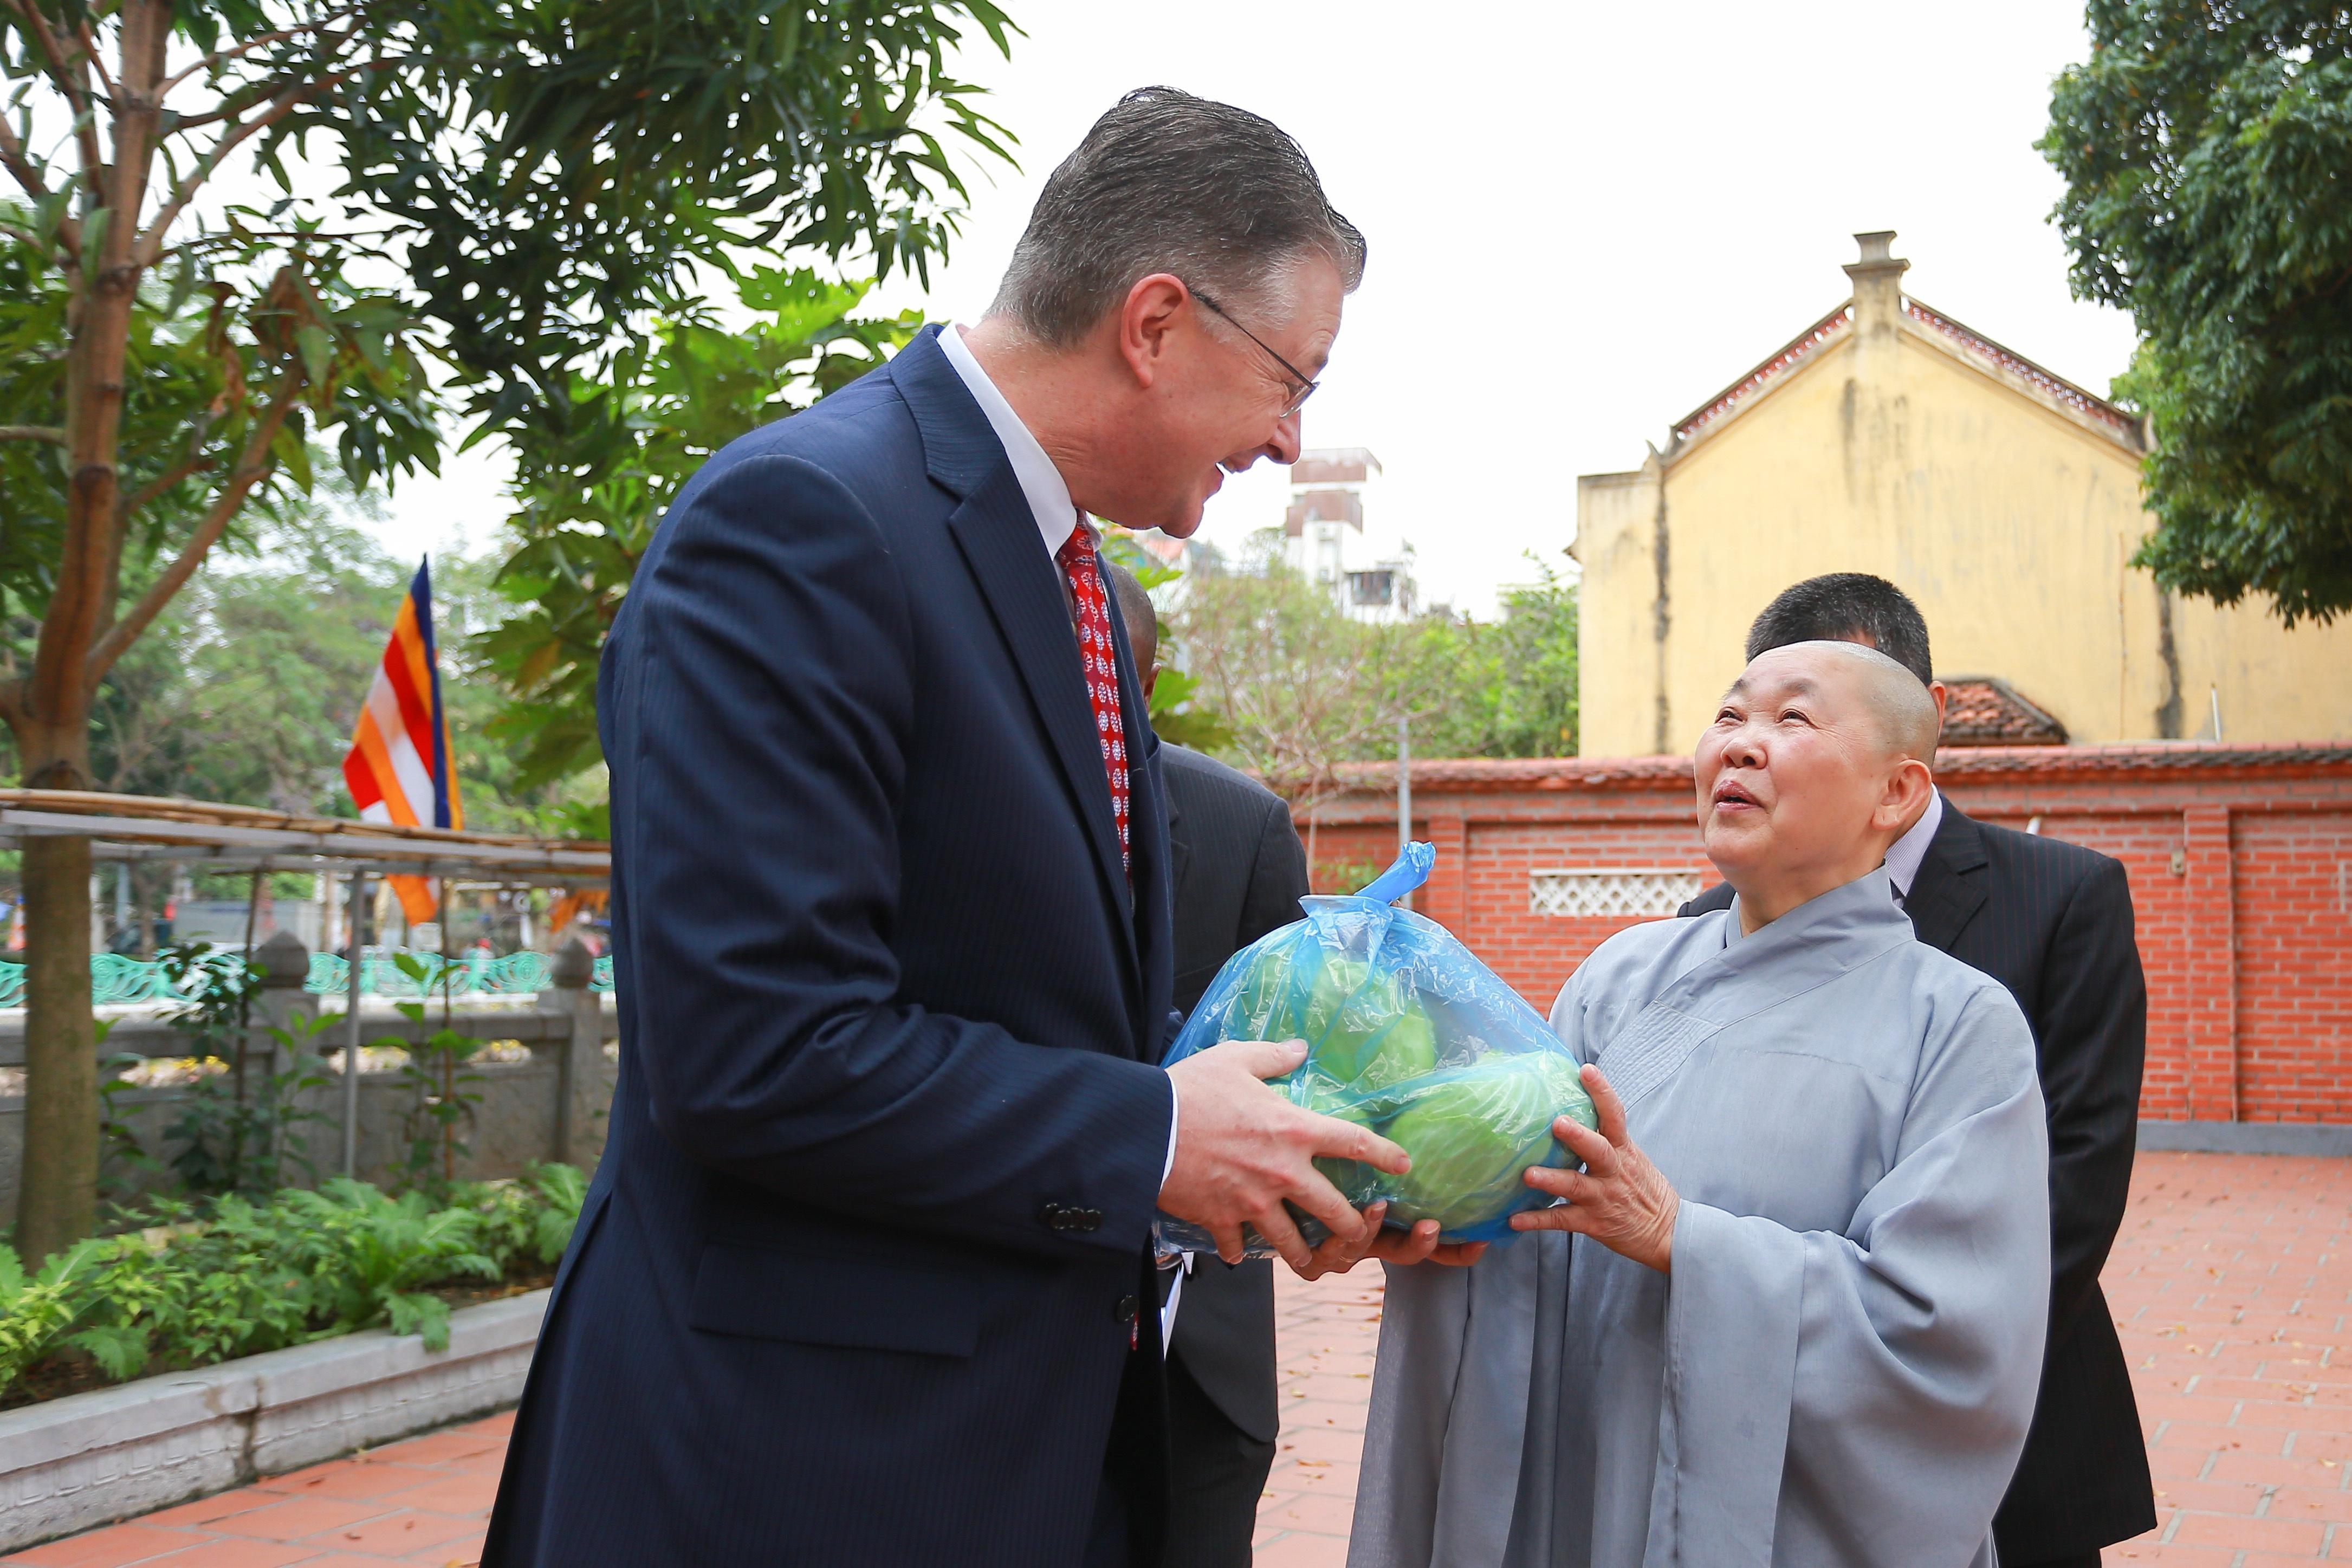 Đại sứ Mỹ thả cá chép, chúc mừng năm mới bằng tiếng Việt - 19